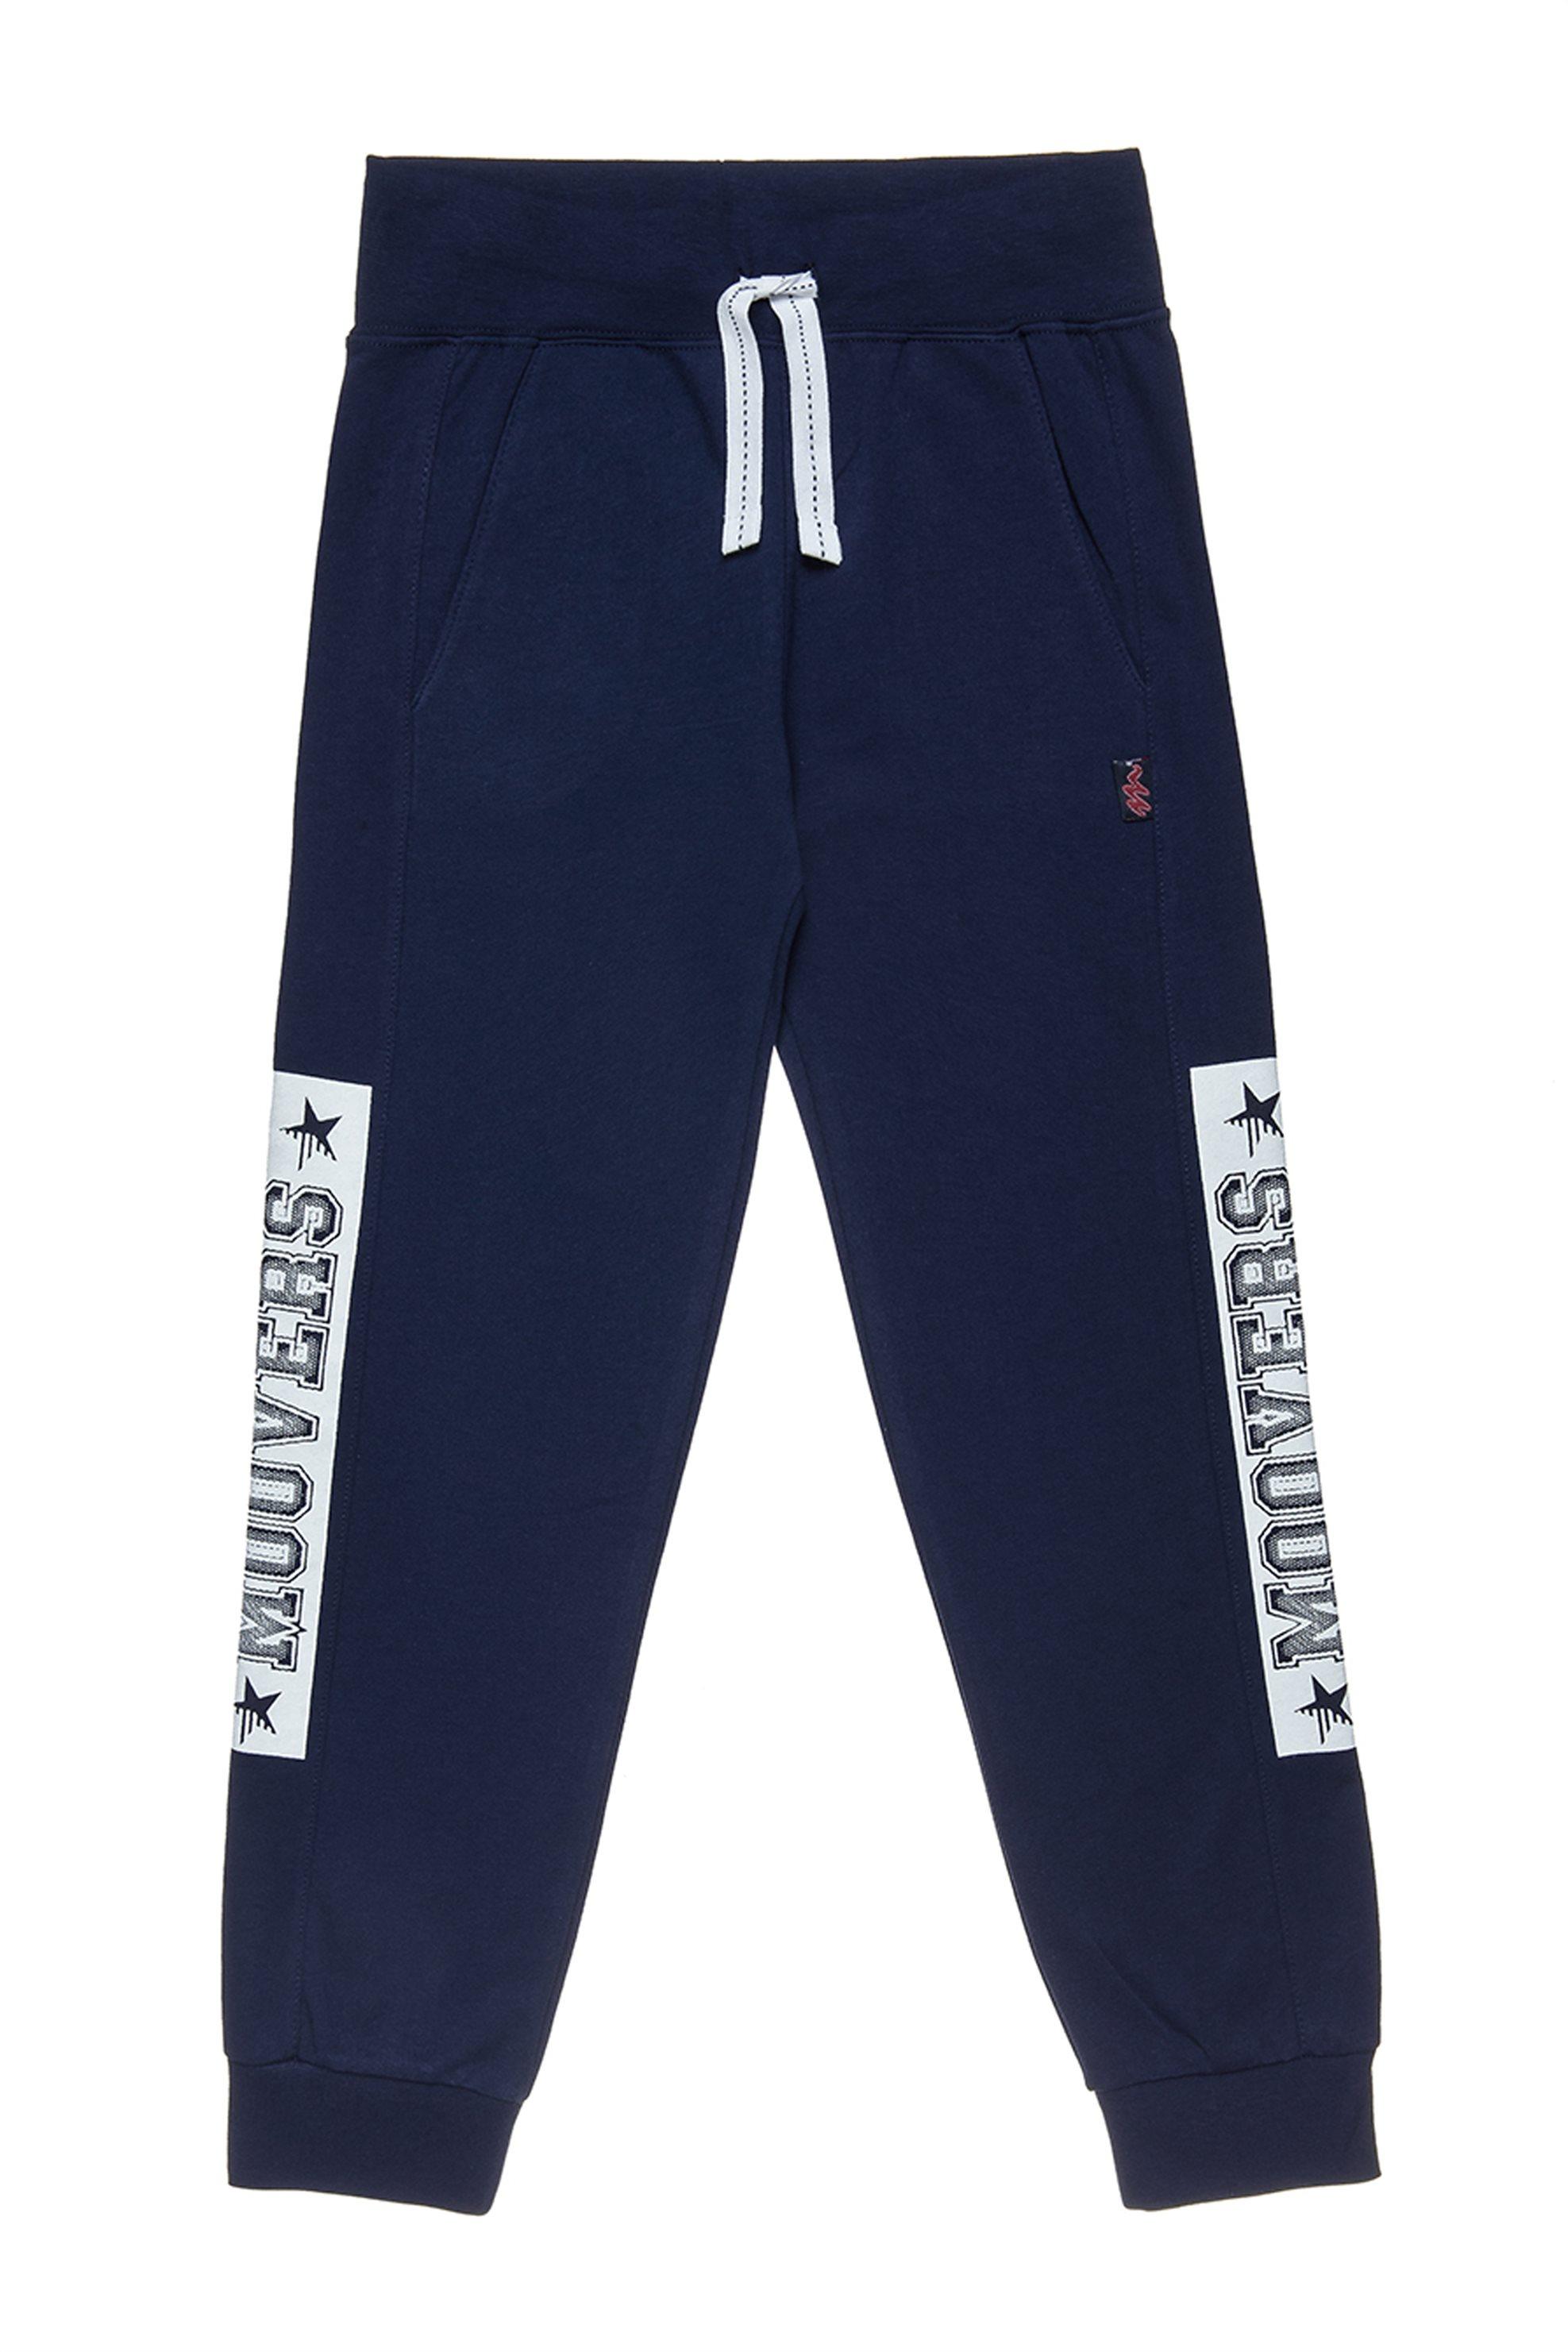 Αlouette παιδικό παντελόνι φόρμας slim fit Moovers με τύπωμα και κορδόνι - 00912 παιδι   αγορι   4 14 ετων   μπλουζάκια   παντελόνια   παντελόνια   φόρμες